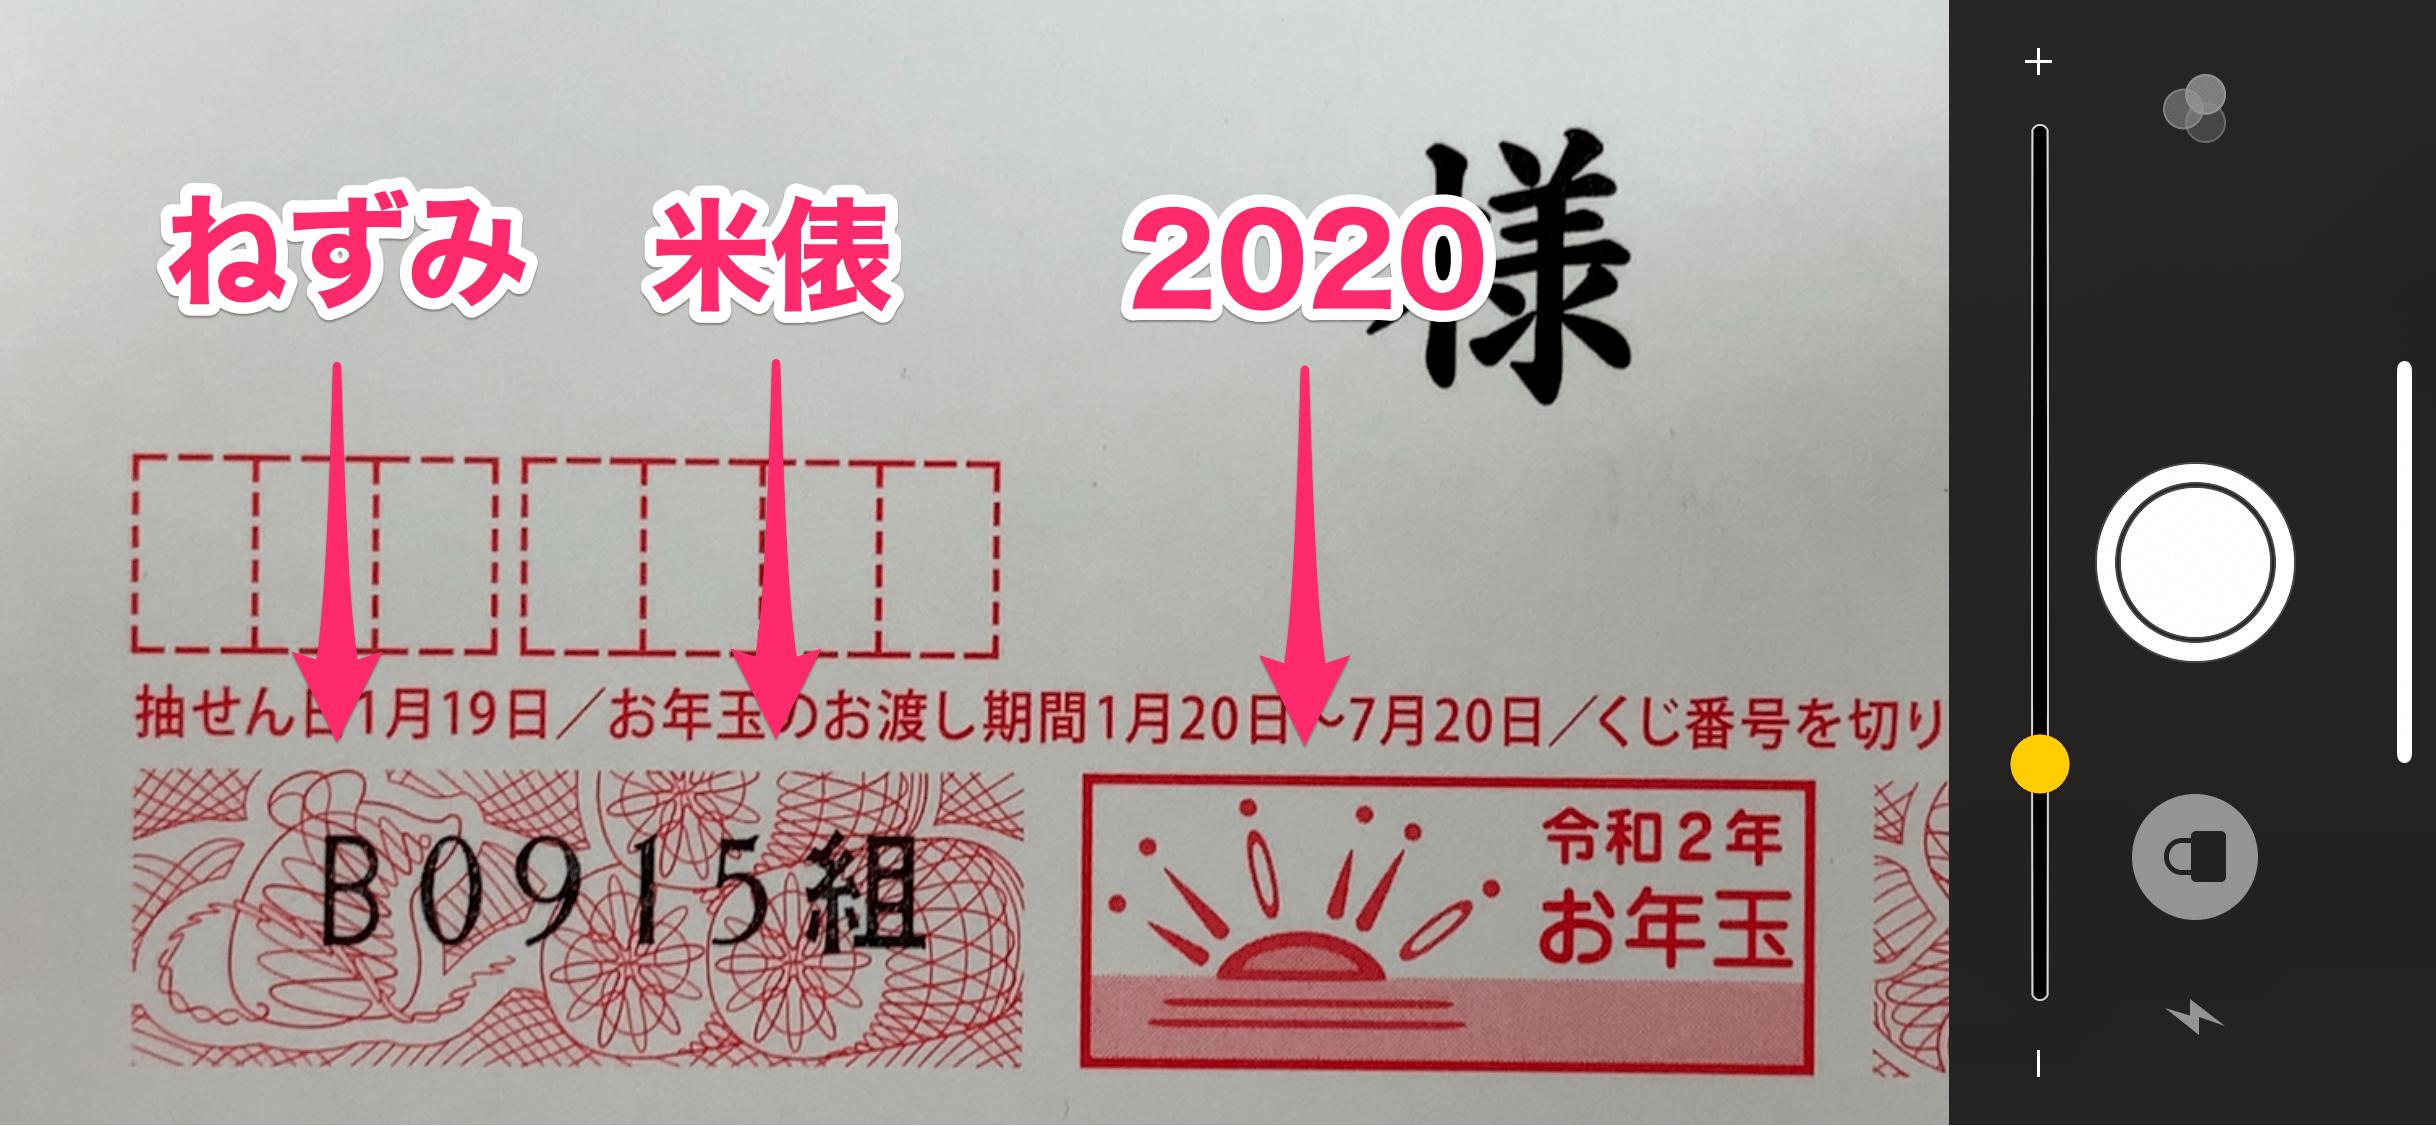 年賀状 番号 お年玉 の 当選